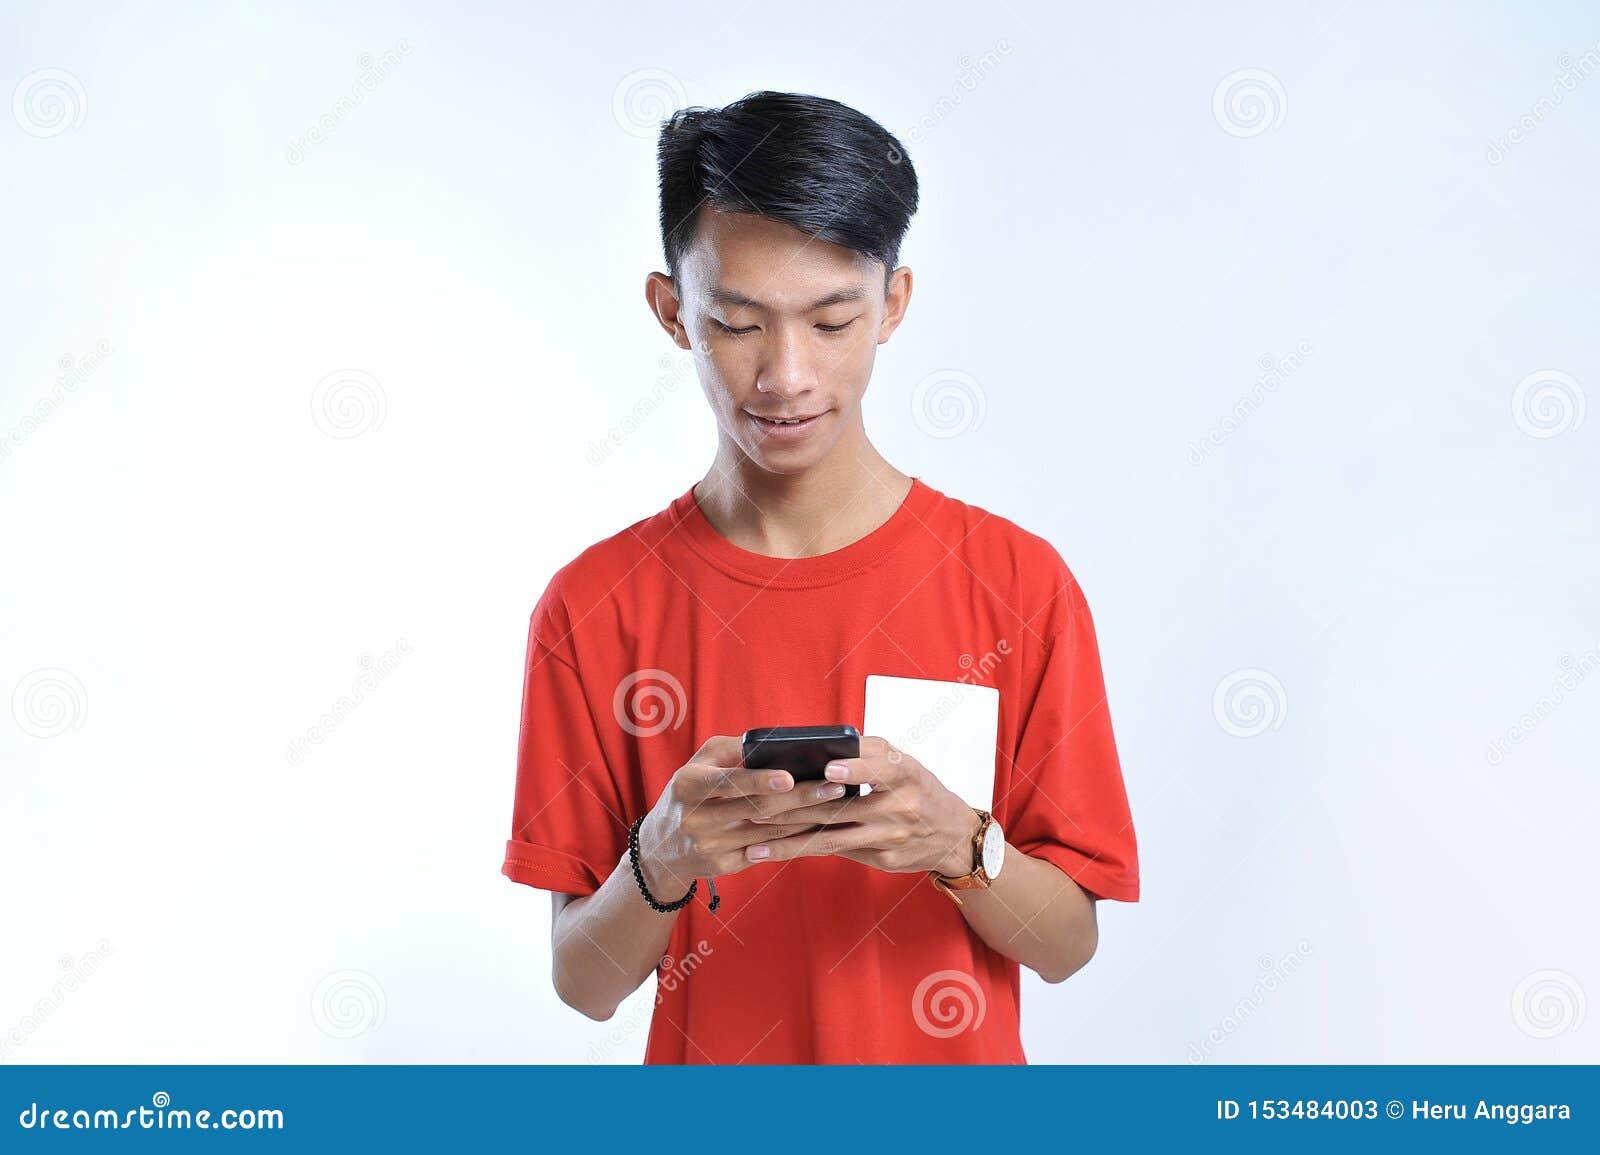 Portret młody studencki azjatykci mężczyzna opowiada na telefonie komórkowym, mówi szczęśliwego uśmiech